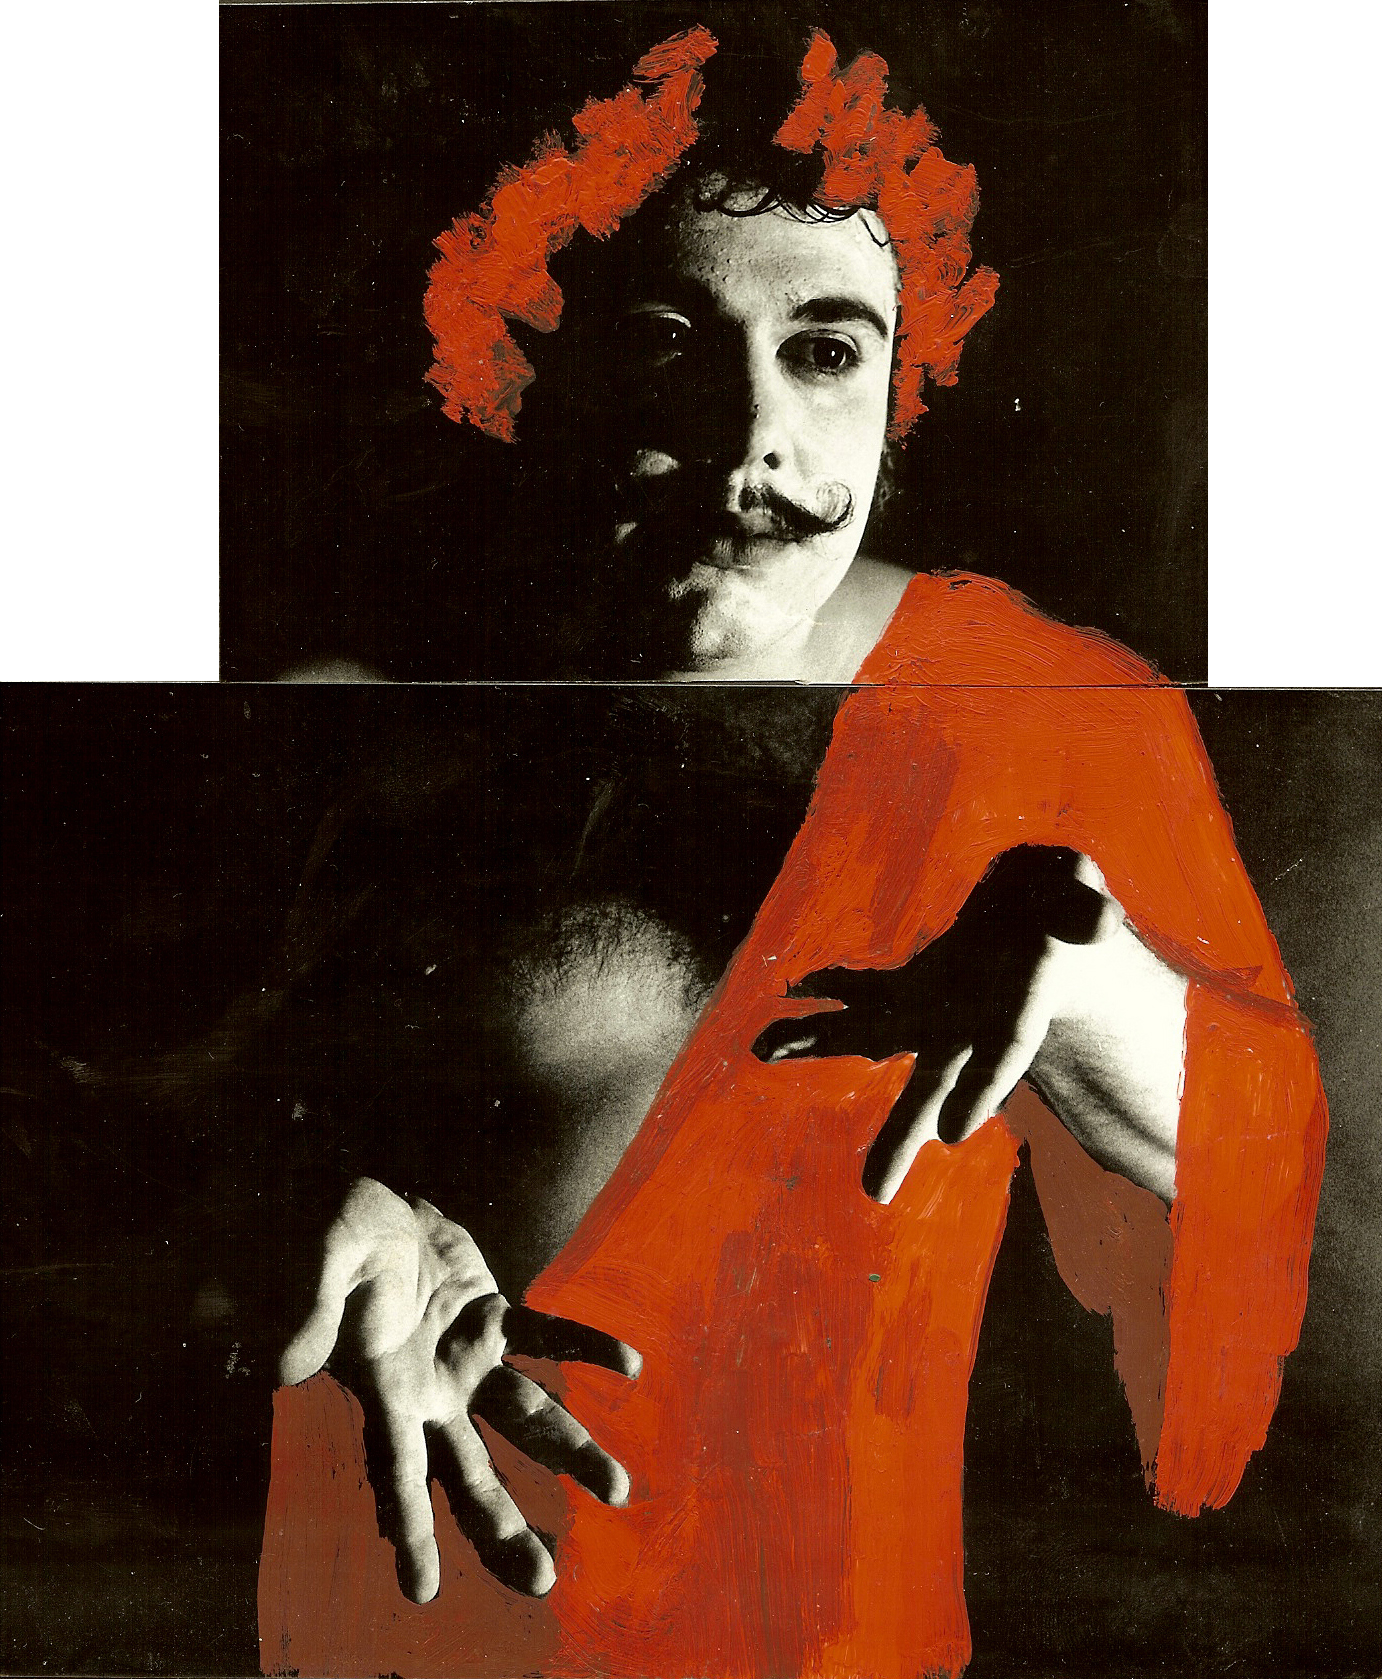 bacchus-rouge-castella-1993